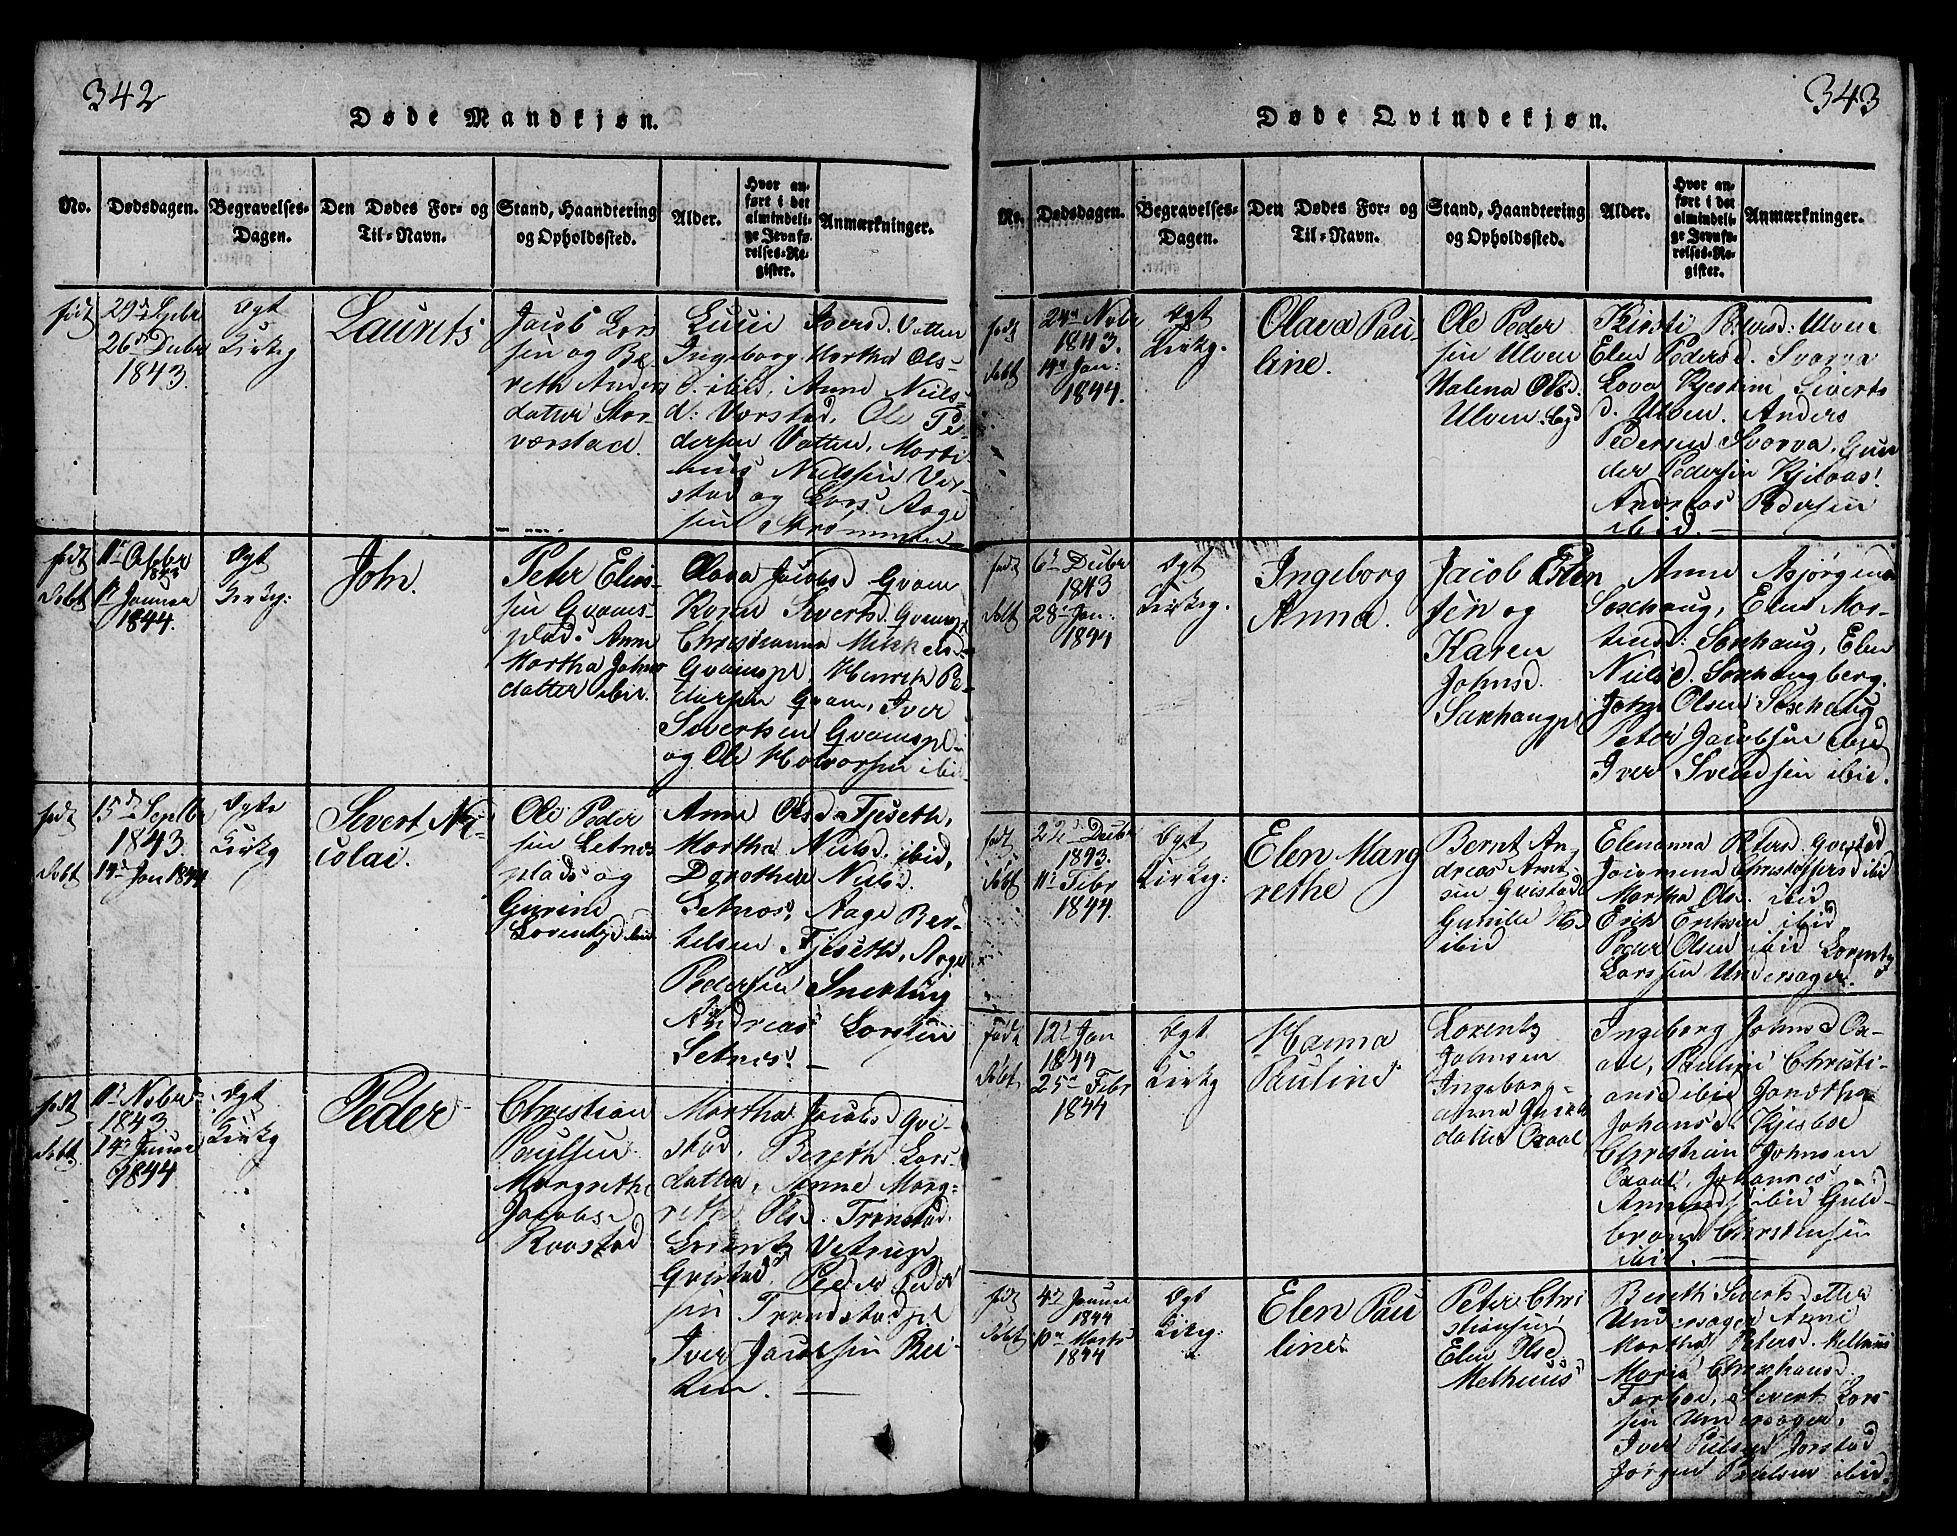 SAT, Ministerialprotokoller, klokkerbøker og fødselsregistre - Nord-Trøndelag, 730/L0298: Klokkerbok nr. 730C01, 1816-1849, s. 342-343